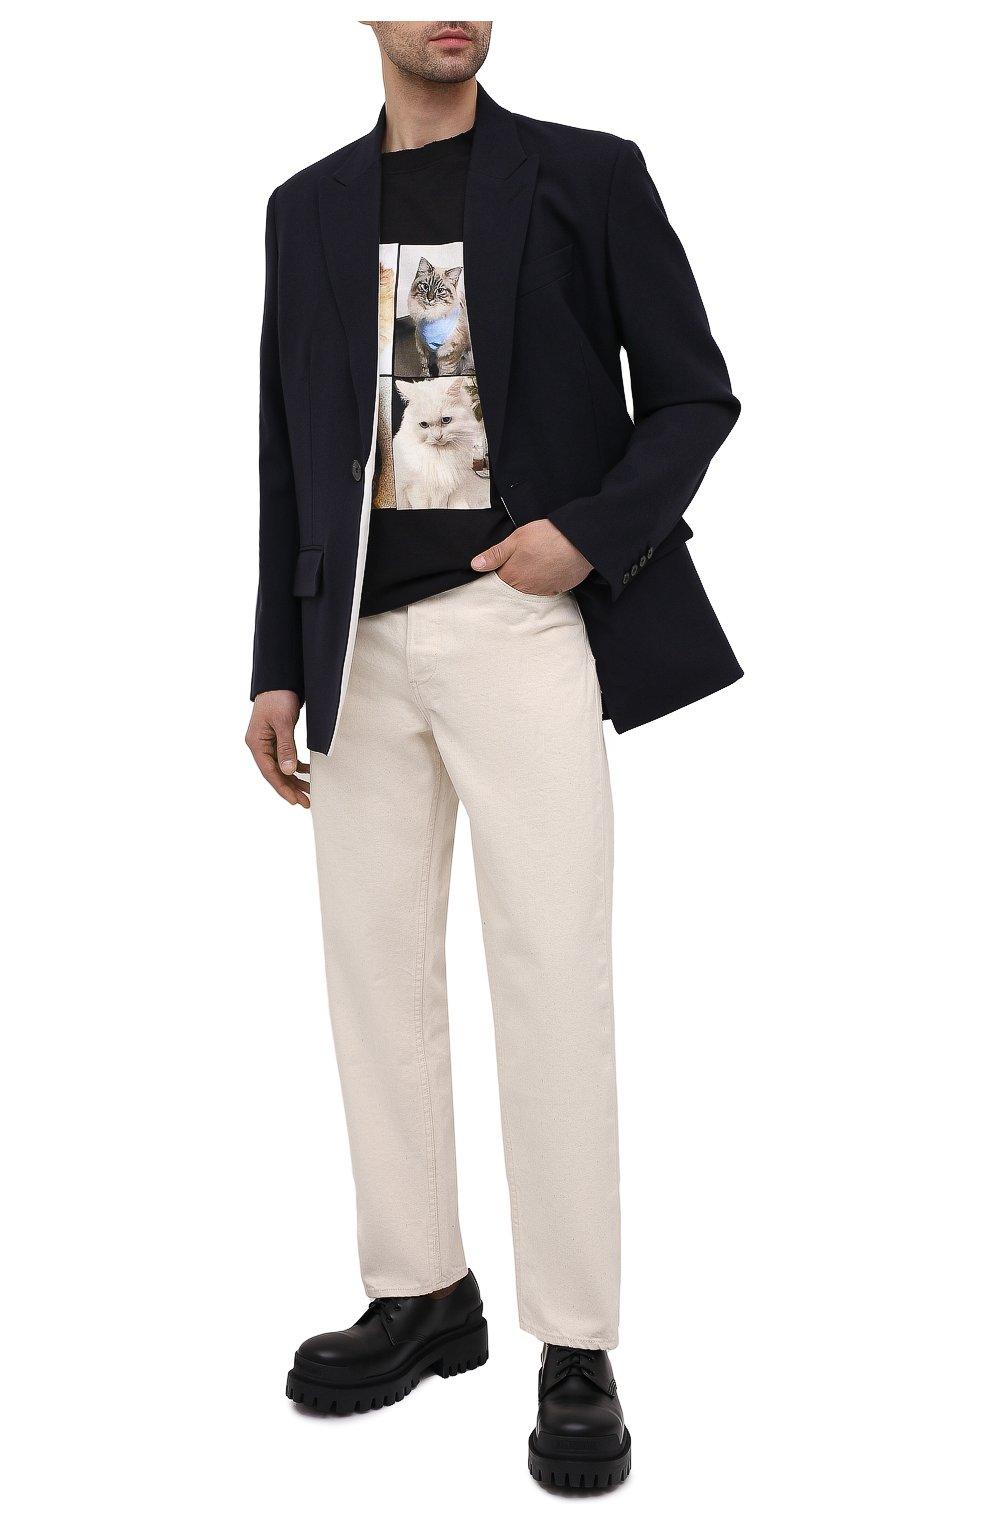 Мужские кожаные ботинки strike BALENCIAGA черного цвета, арт. 600600/WA960 | Фото 2 (Каблук высота: Высокий; Мужское Кросс-КТ: Ботинки-обувь; Материал внутренний: Натуральная кожа; Подошва: Массивная)